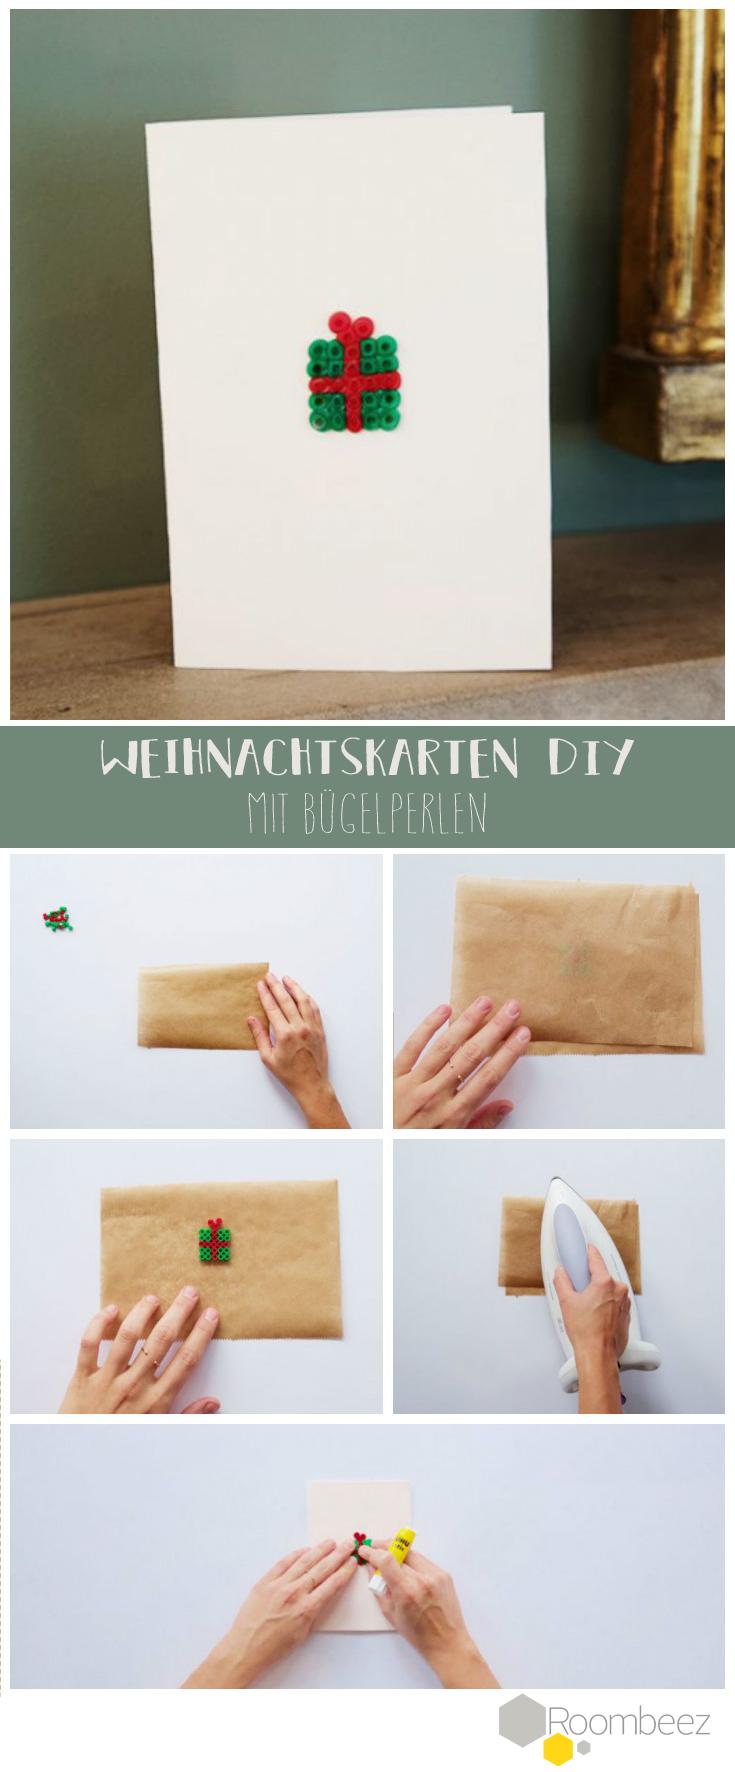 Einfaches DIY für moderne Weihnachtskarte  Die Bügelperlen wecken in uns schöne Kindheitserinnerungen! ➳ Weitere Ideen für Weihnachtskarten findet Ihr auf Roombeez!